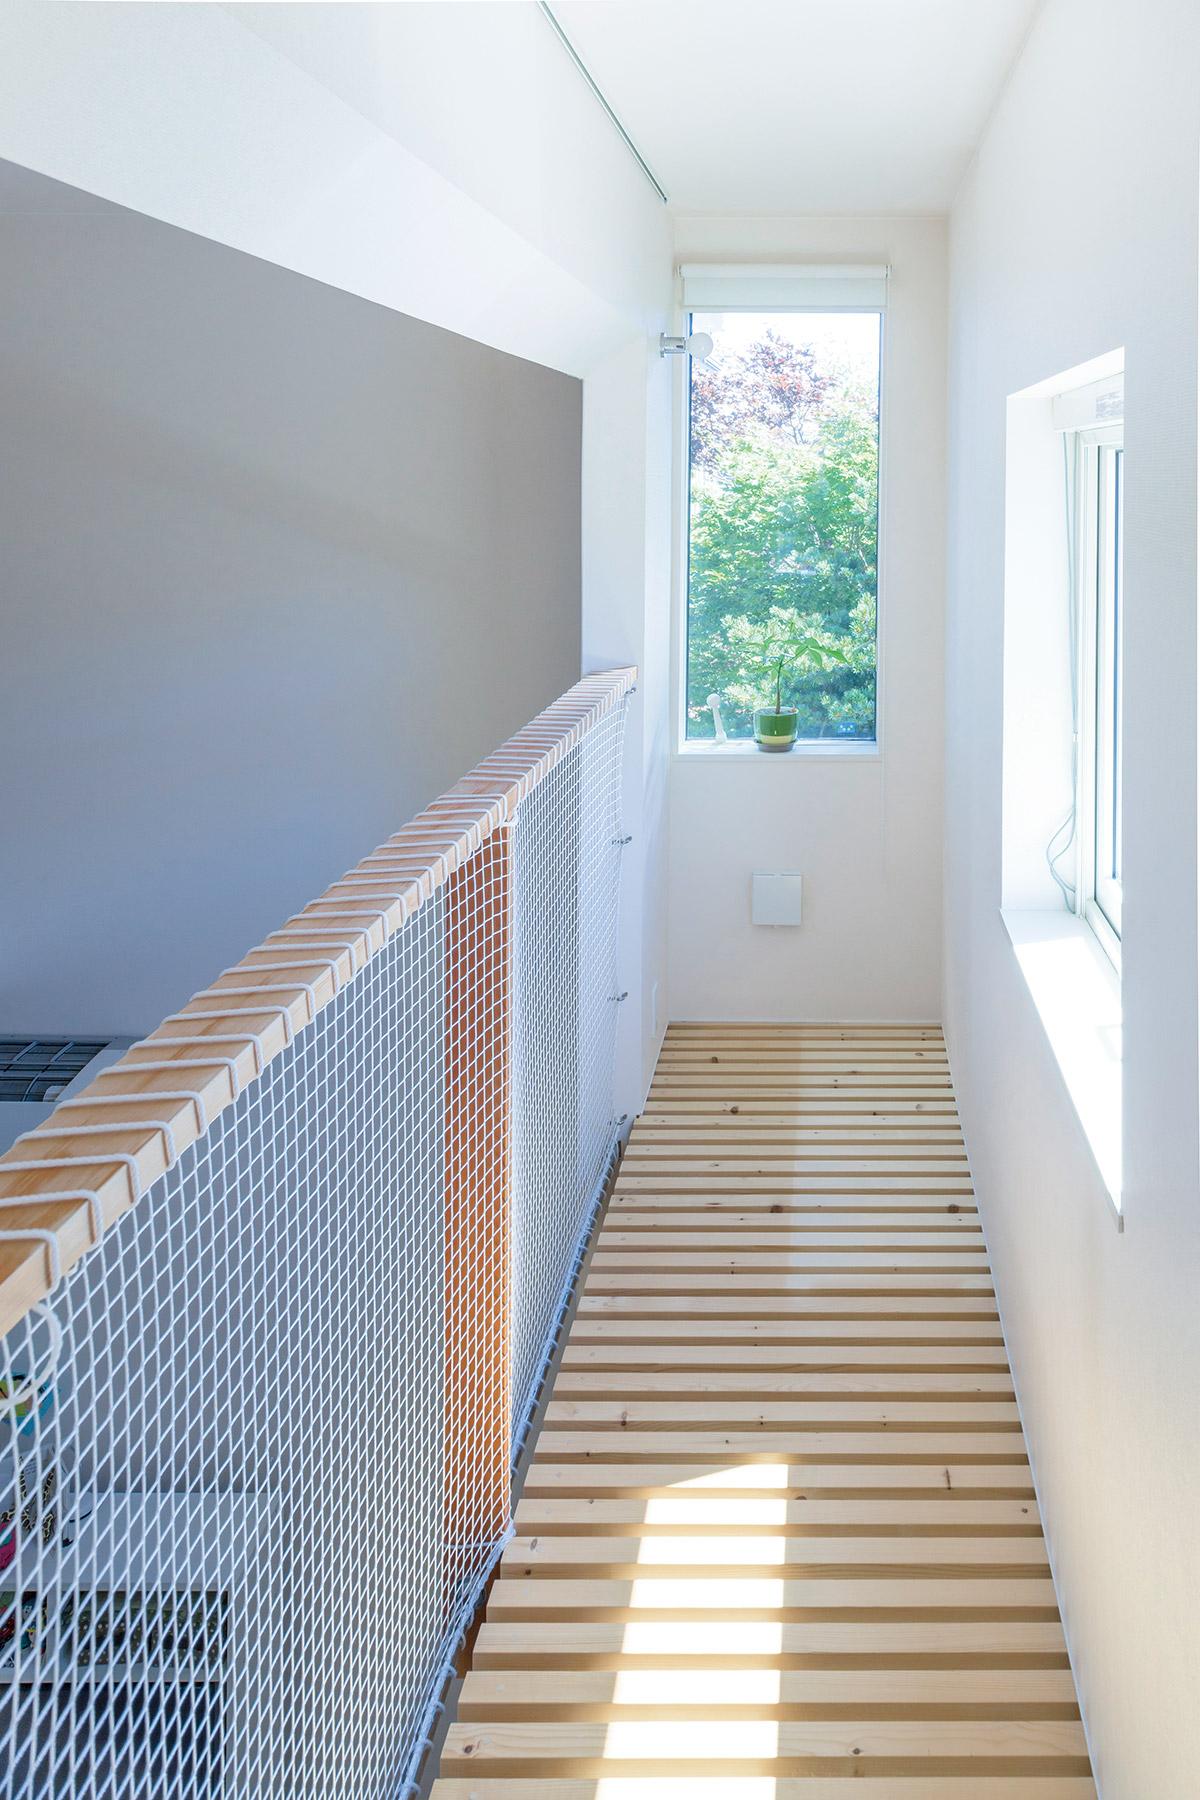 サンルームの東側には、隣家の庭の緑を効果的に採りこむ窓が設けられている